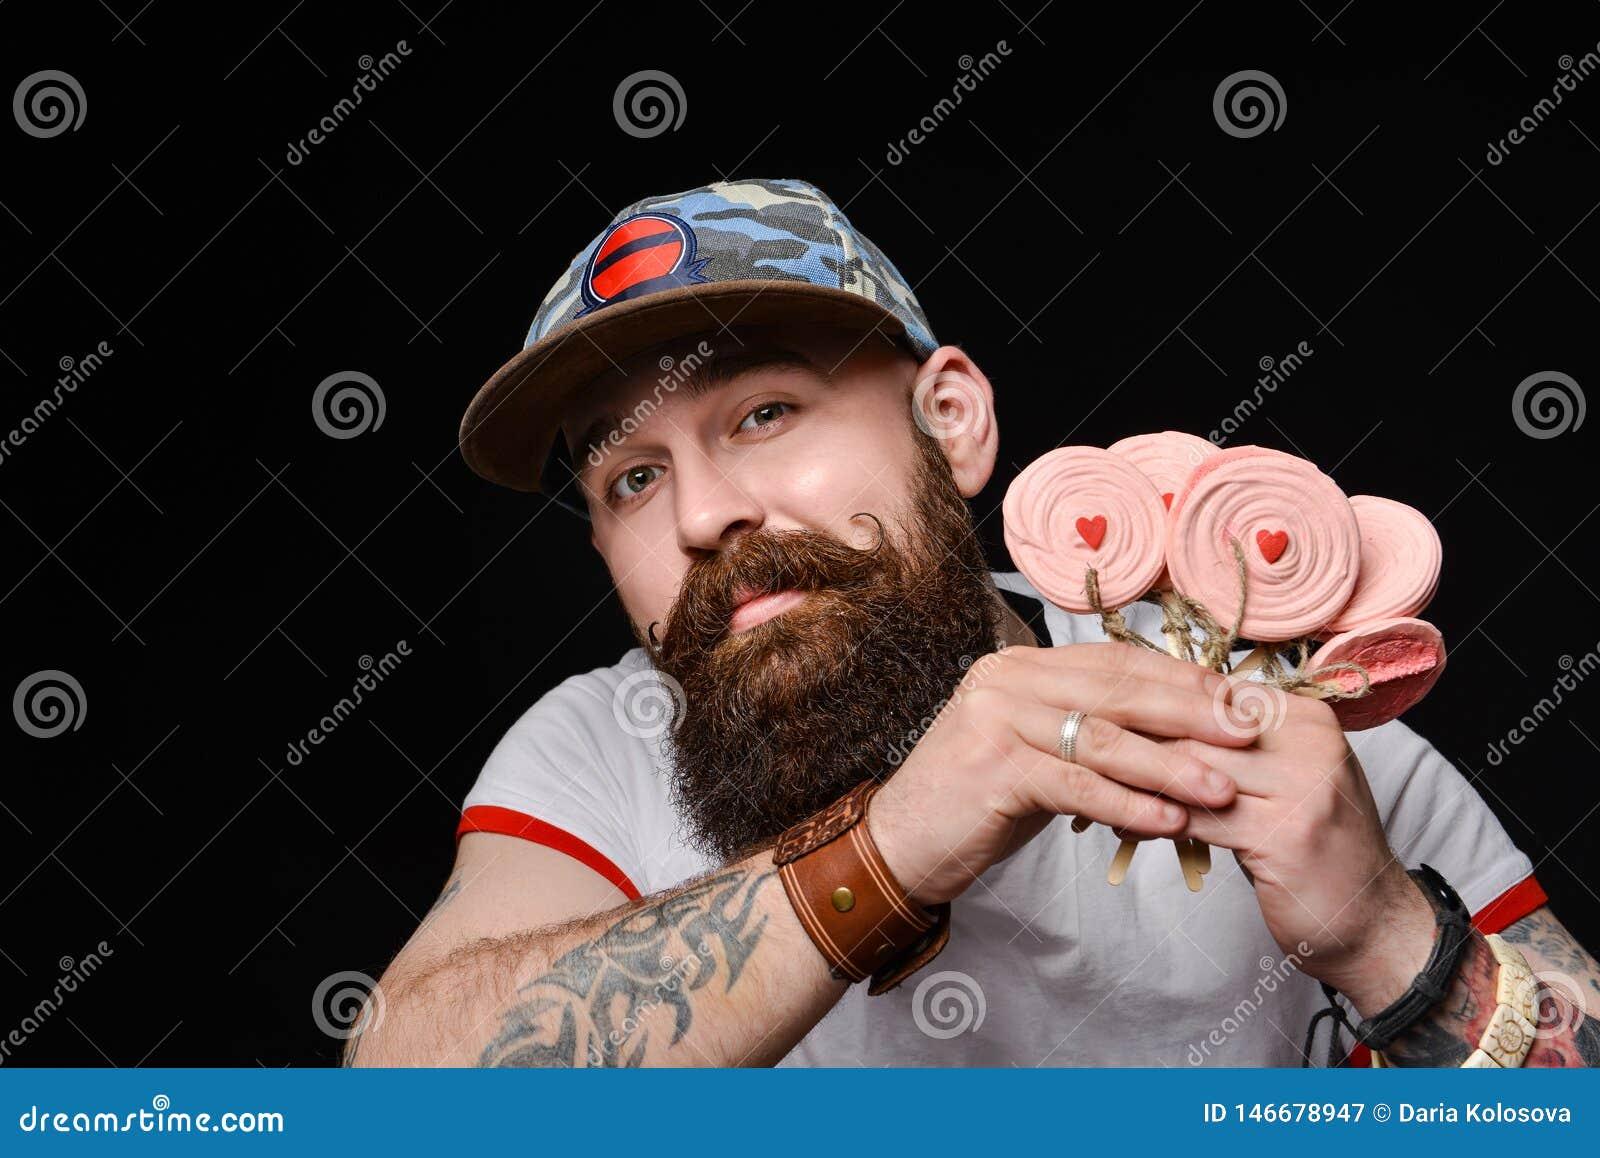 Το ευτυχές γενειοφόρο βάναυσο άτομο σε μια μοντέρνη ΚΑΠ κρατά ένα πακέτο των καραμελών lollipops